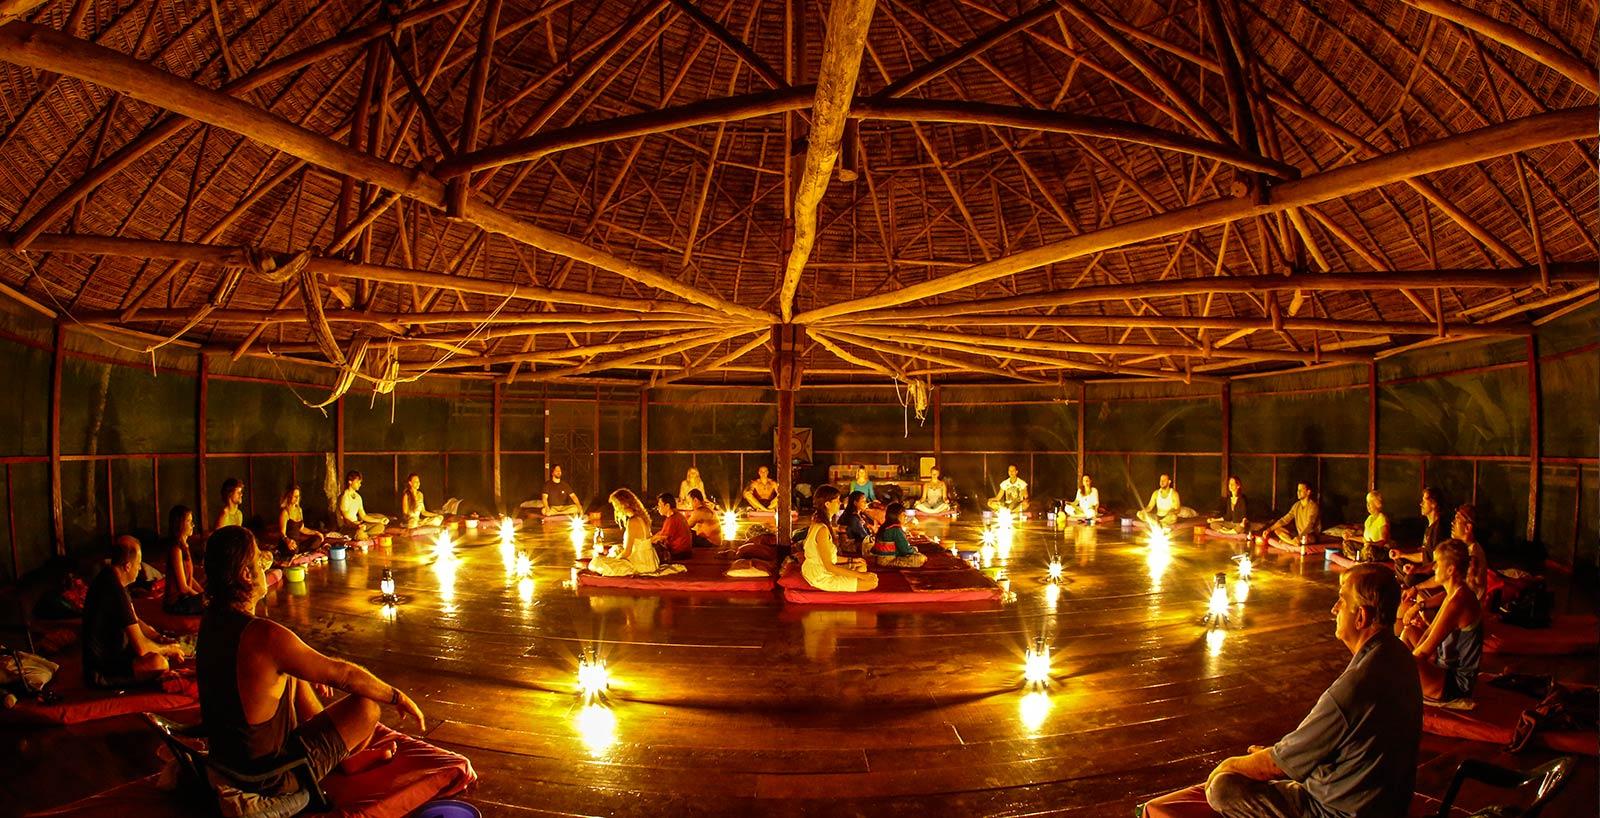 Ayahuasca ceremonie DMT trip